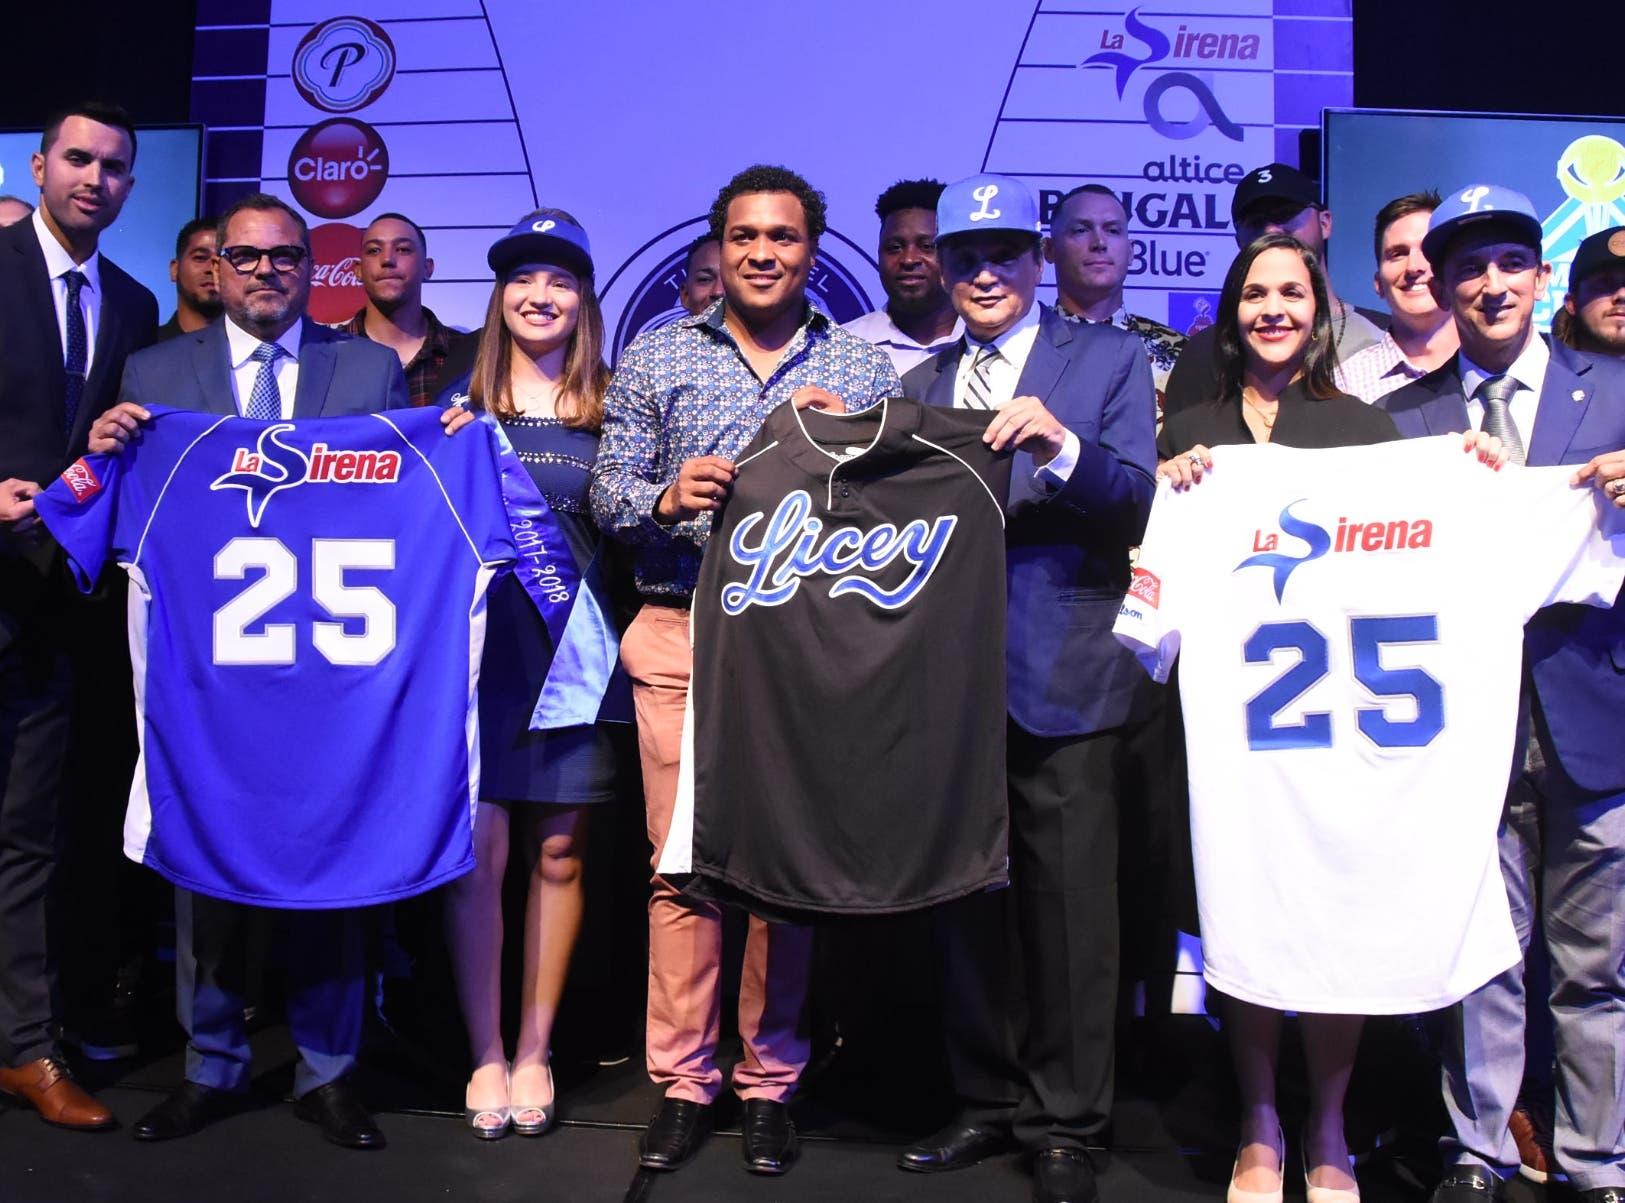 Directivos y jugadores de los Tigres del Licey reciben los uniformes que utilizará el conjunto azul en el venidero torneo de béisbol.Foto: Alberto Calvo.